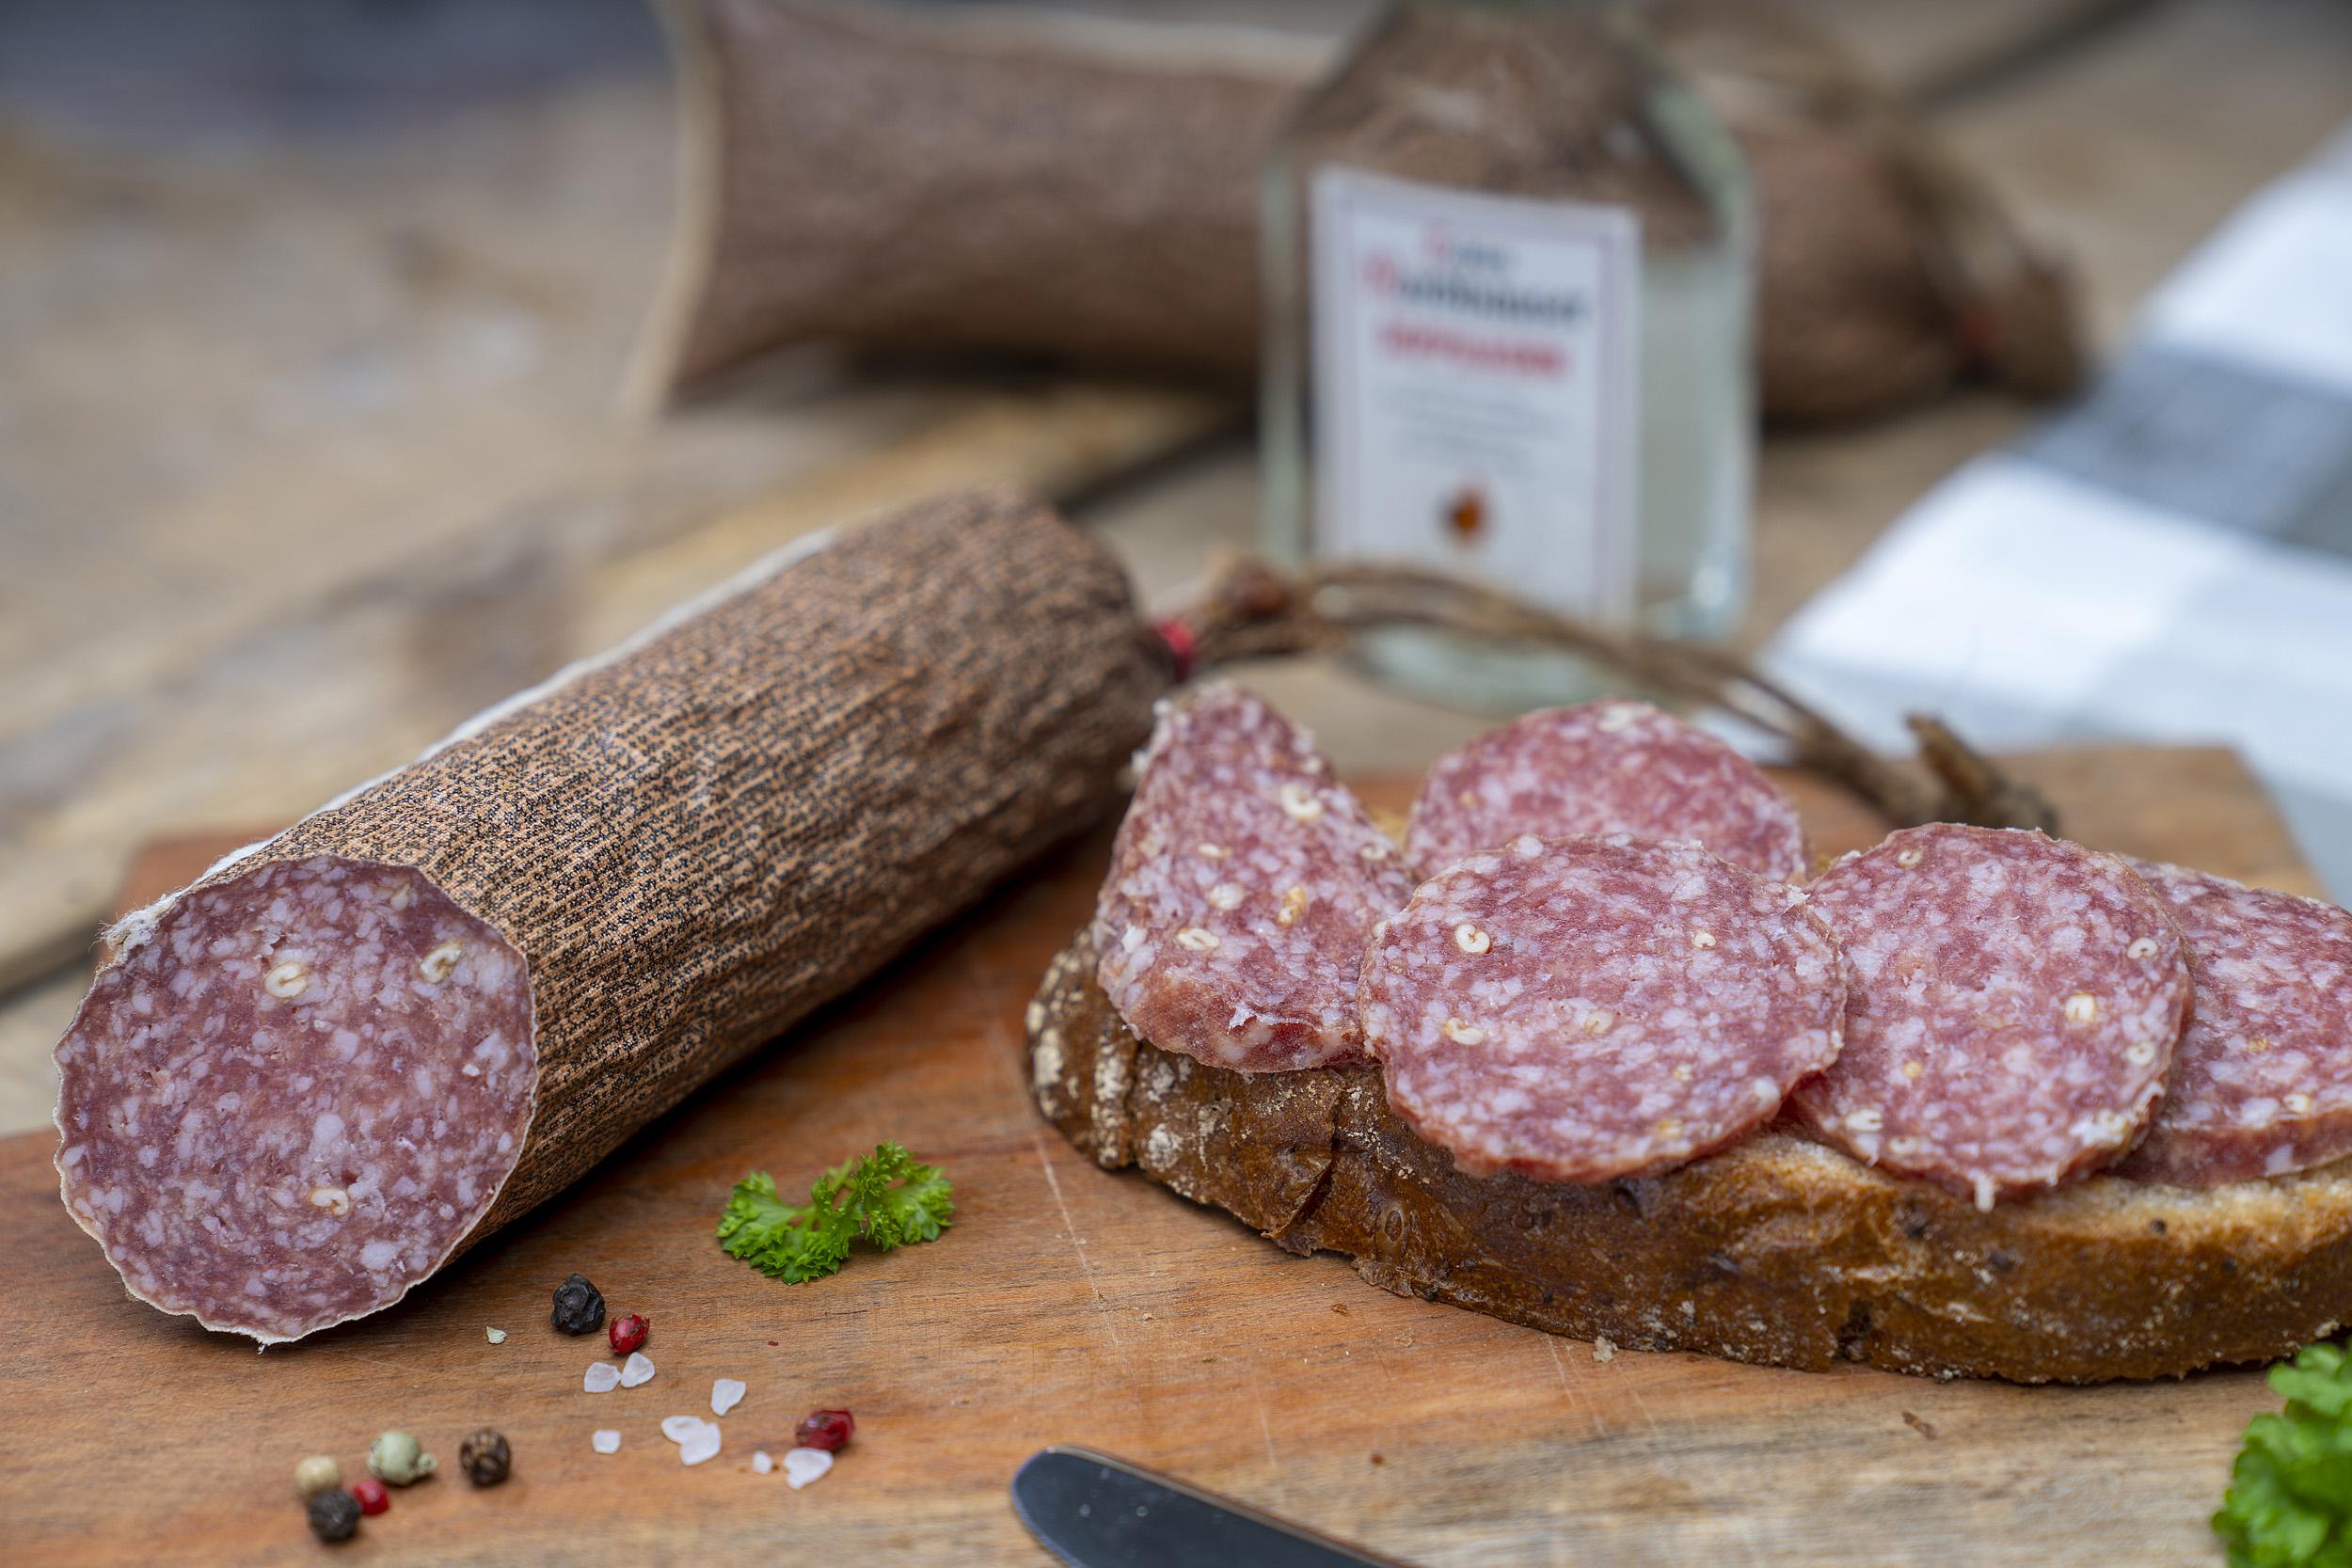 Kornsalami auf einem Holzbrett. Daneben eine Scheibe Brot mit der Salami und Gewürze. Im Hintergrund eine kleine Flasche Echter Nordhäuser Doppelkorn.